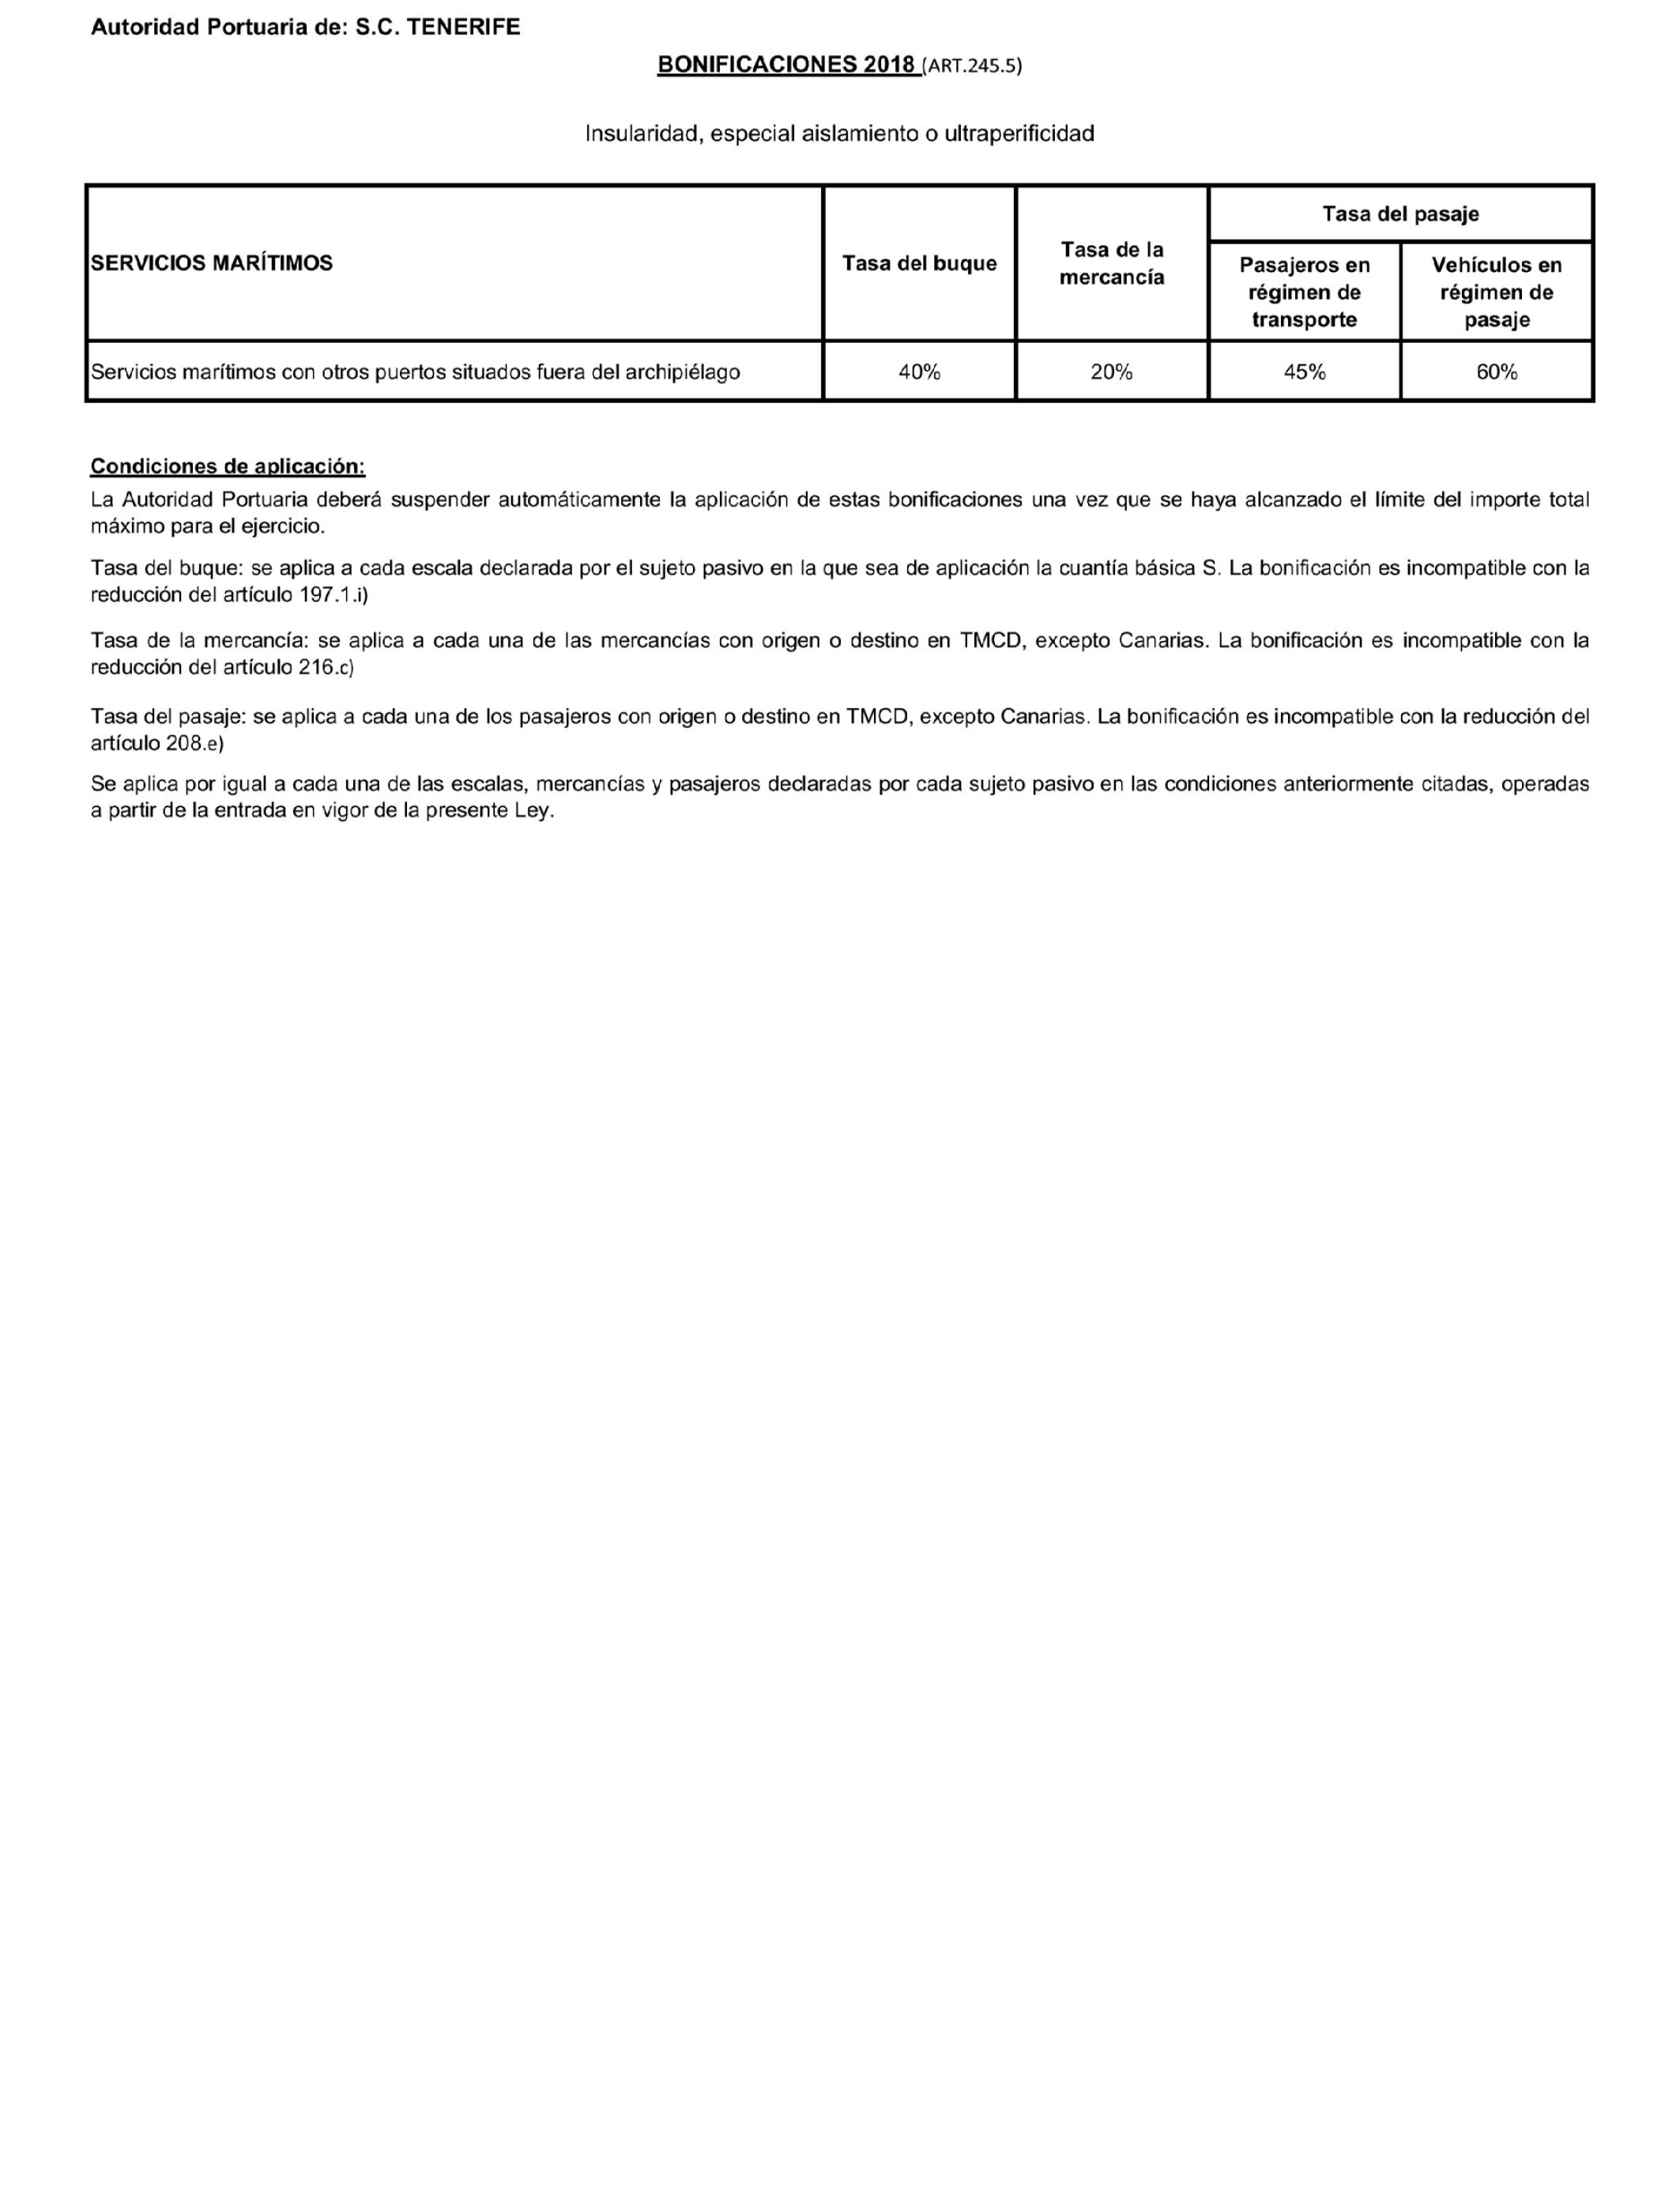 Calendario Escolar 2019 Santander Más Arriba-a-fecha Boe Documento Boe A 2018 9268 Of Calendario Escolar 2019 Santander Más Actual Becas De Investigaci³n En Universidades O Centros En El Extranjero